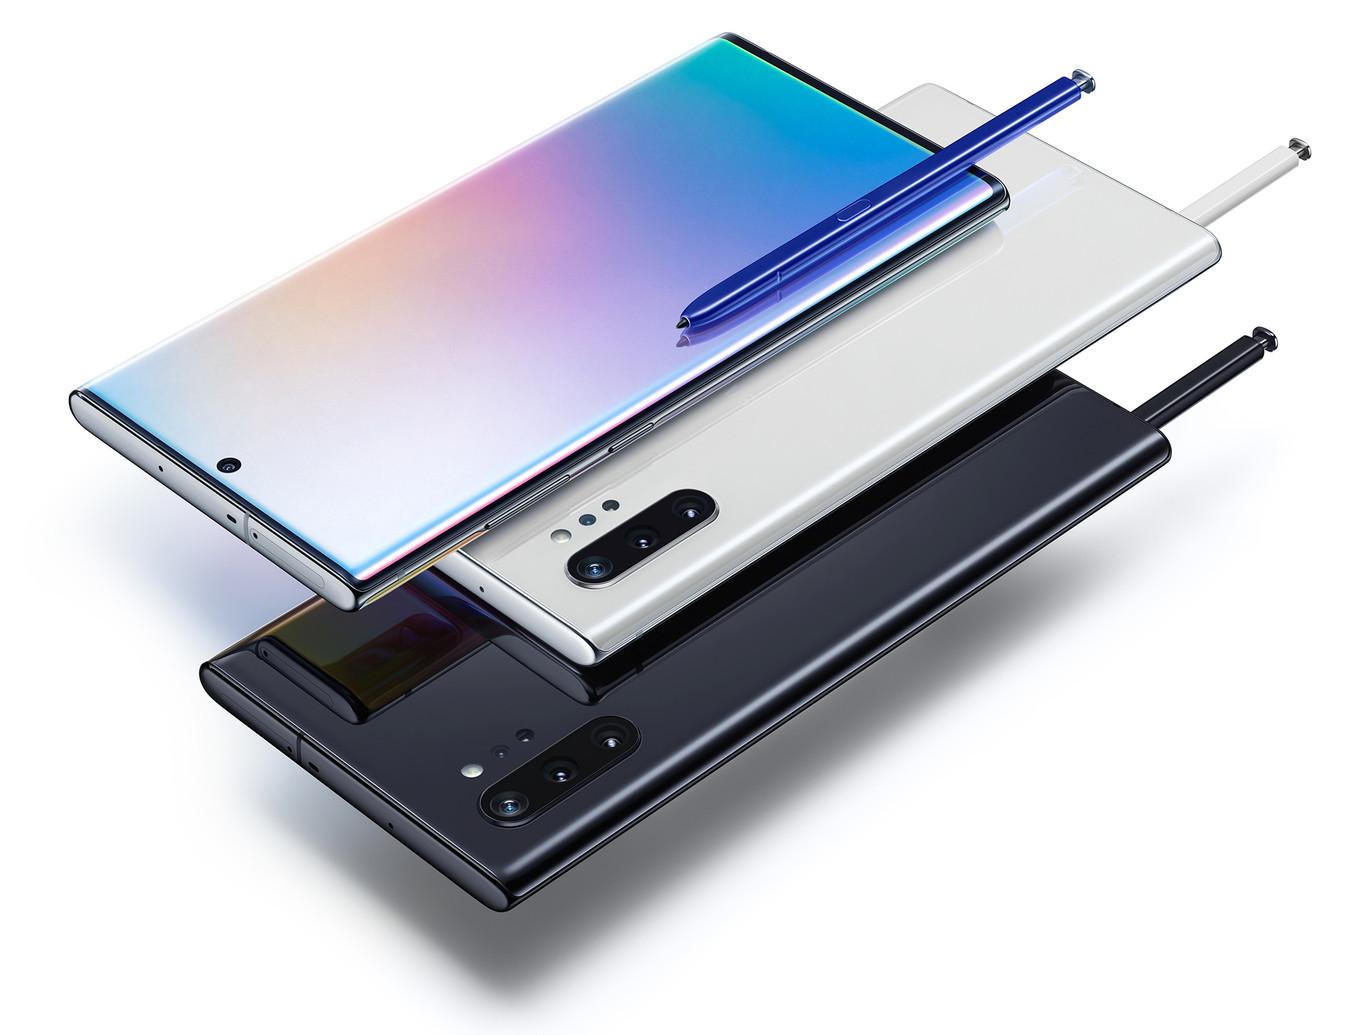 Los Samsung Galaxy Note 10 y 10+ ya tienen fecha de presentación en México, el 27 de agosto conoceremos los...